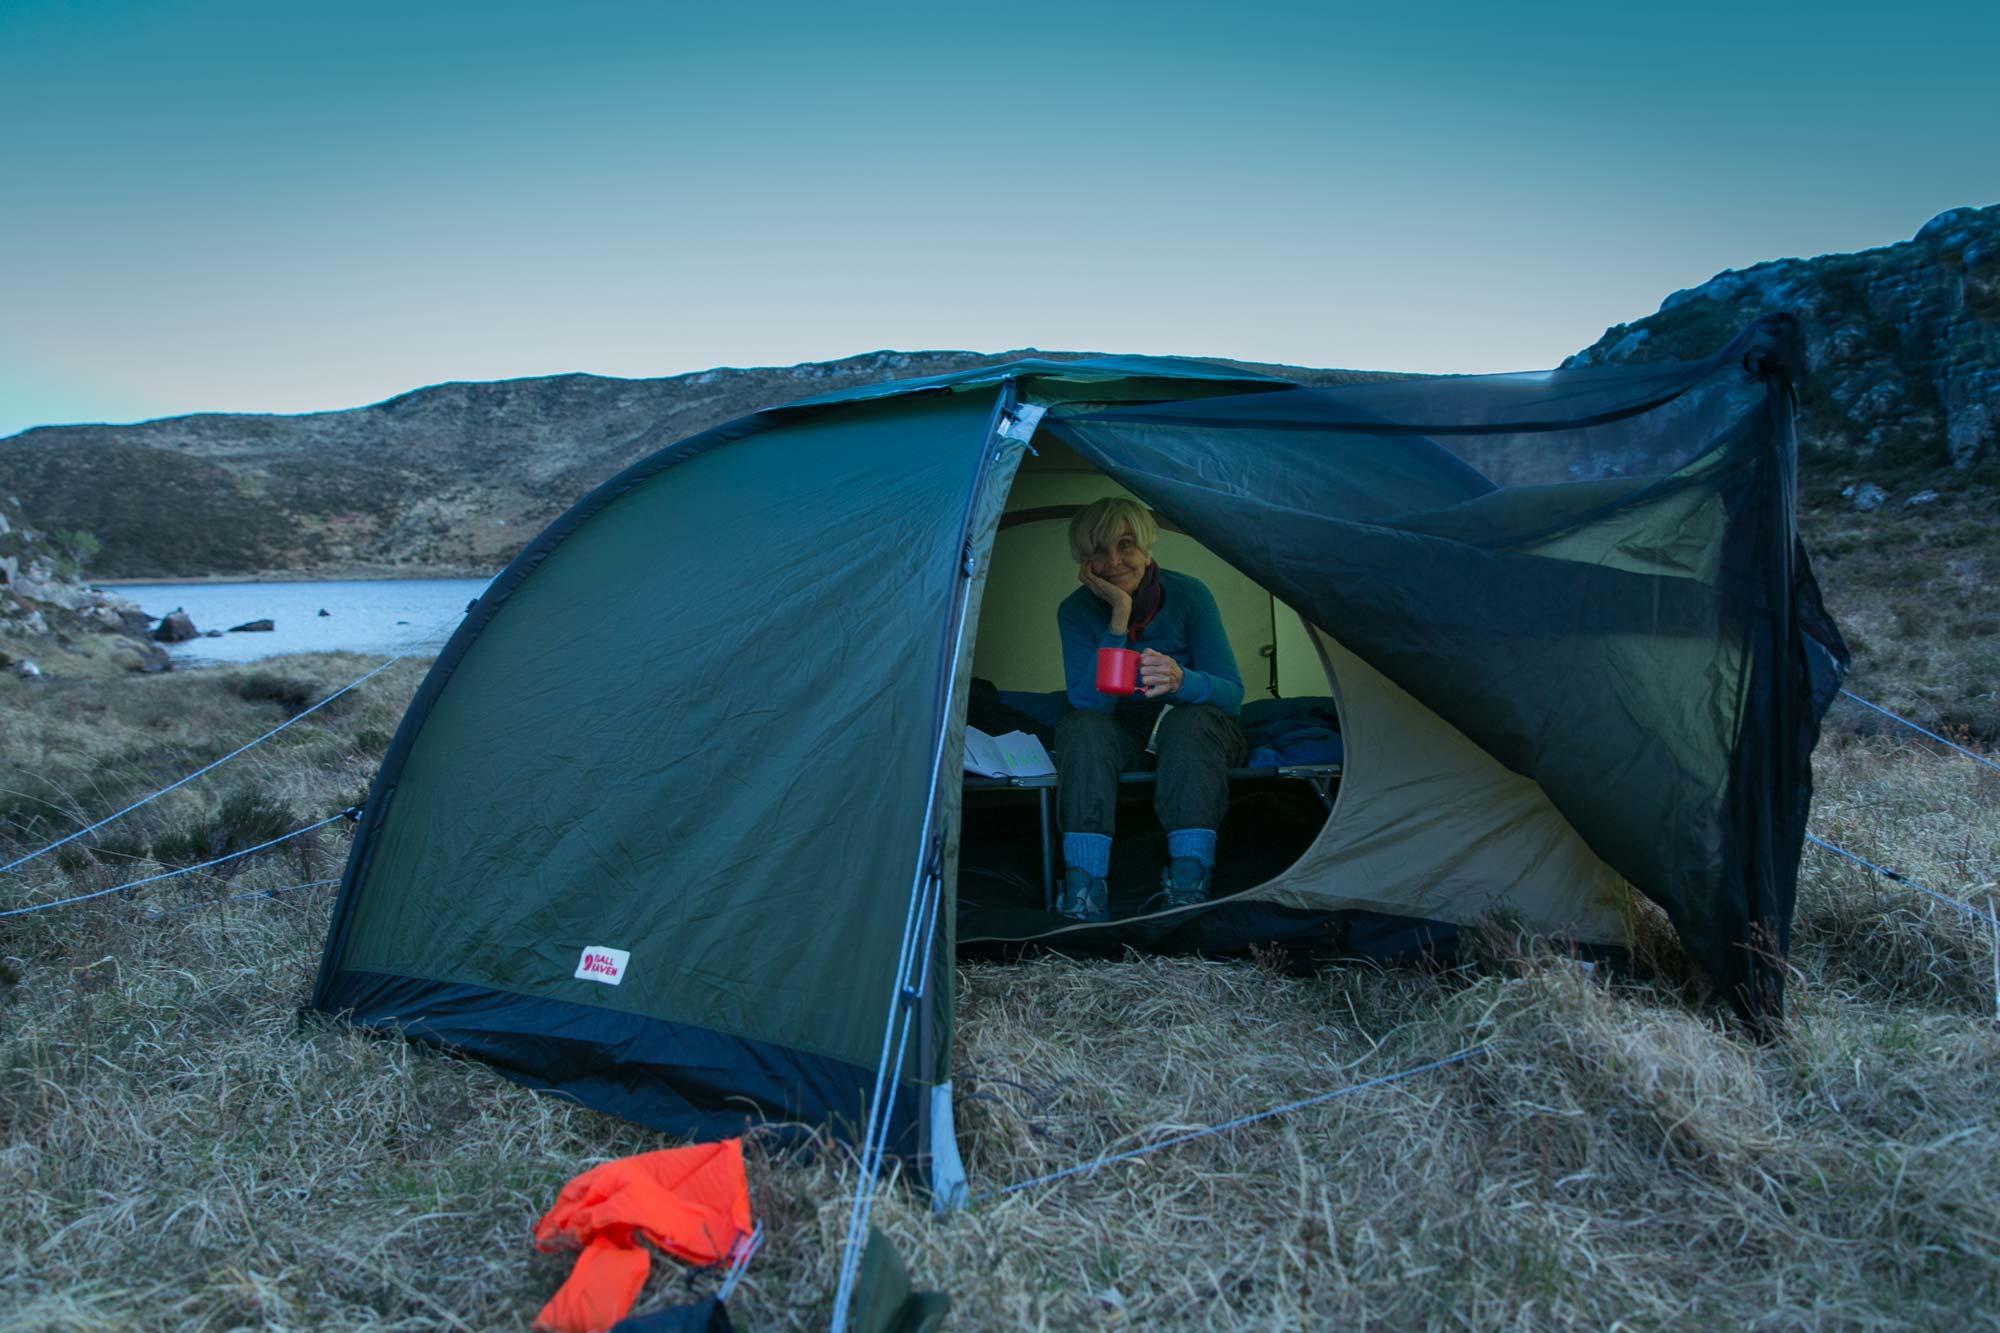 Eine Tasse Tee im Zelt - so viel Luxus muss sein © Cape Wrath Films Ltd